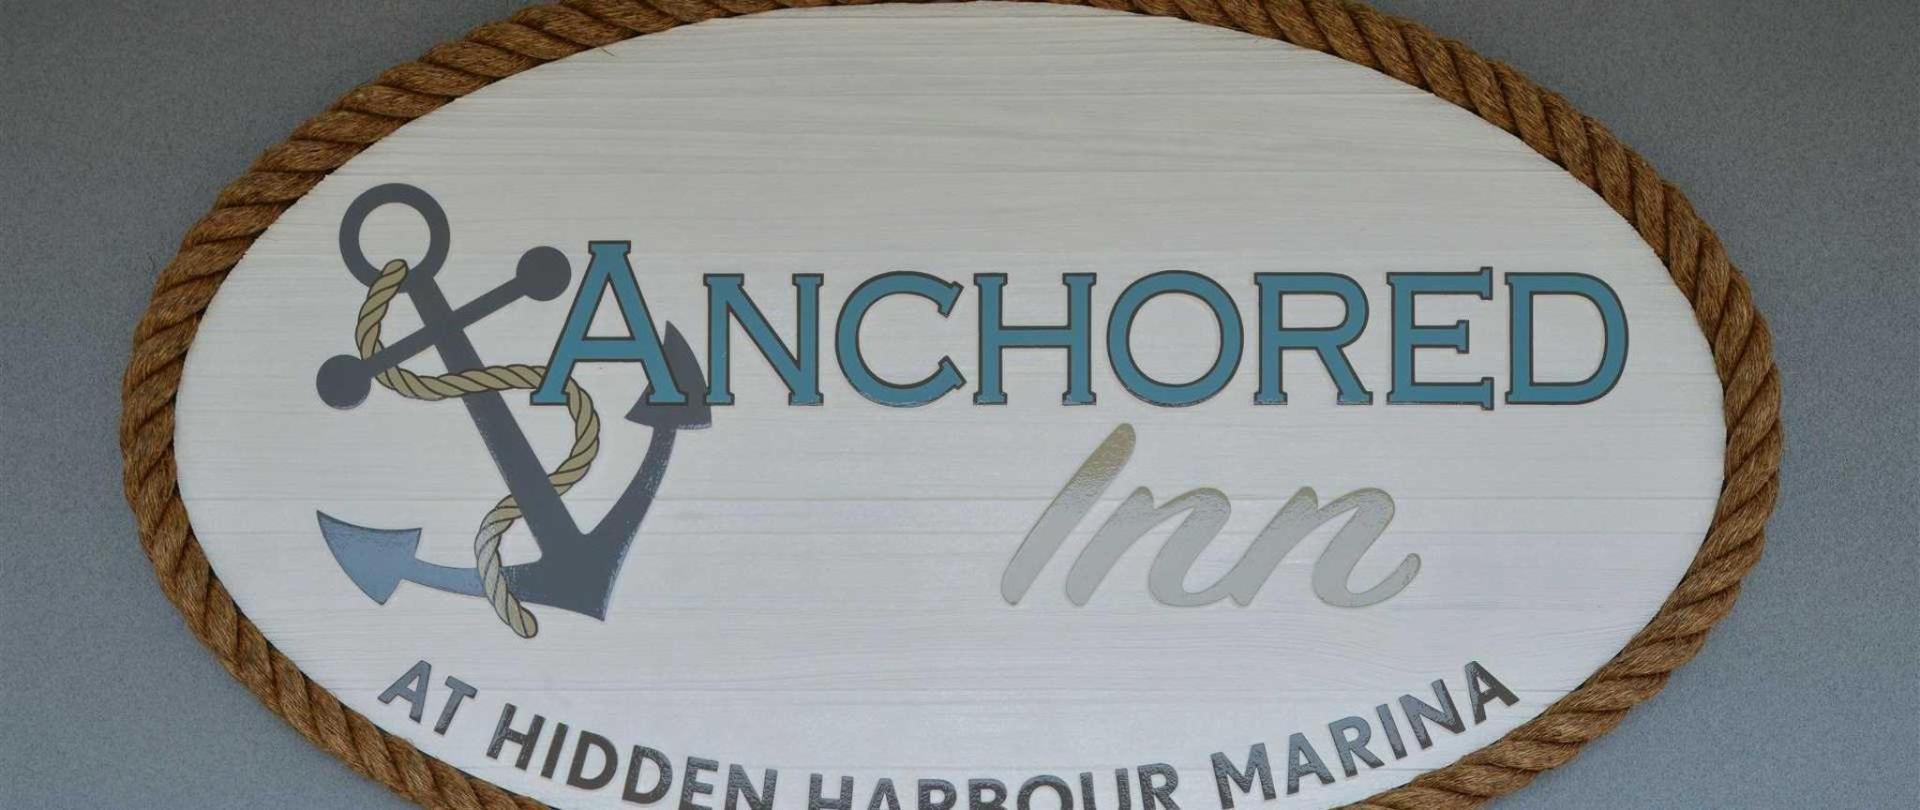 Anchored Inn at Hidden Harbor